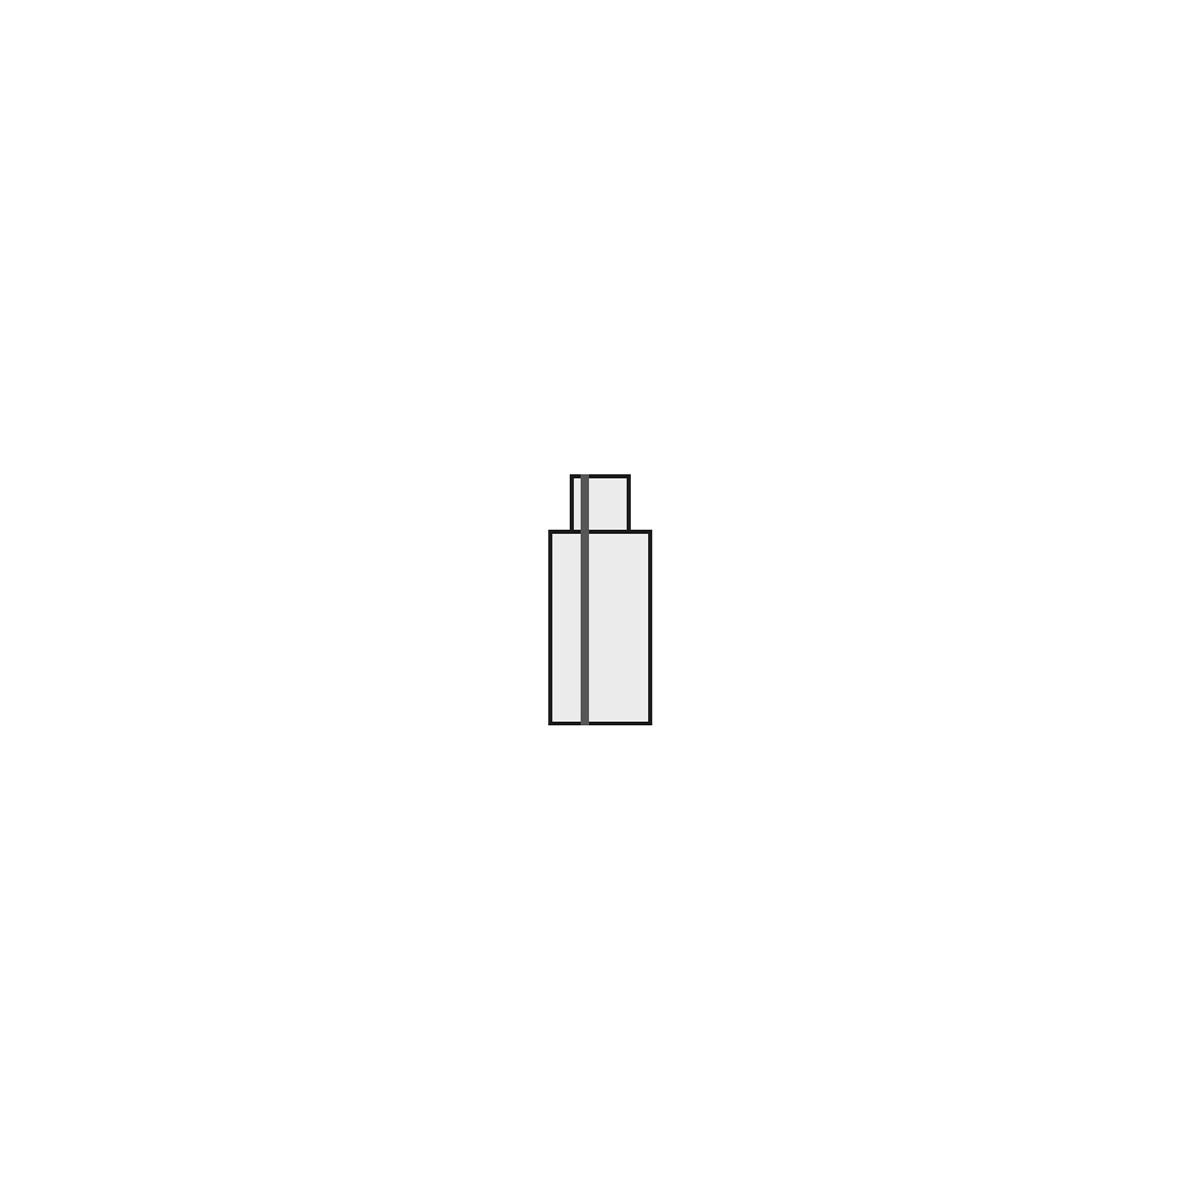 SPOTLINE/SLV 1-fazowa Łącznik 1 uziem. lewe Biały 143031